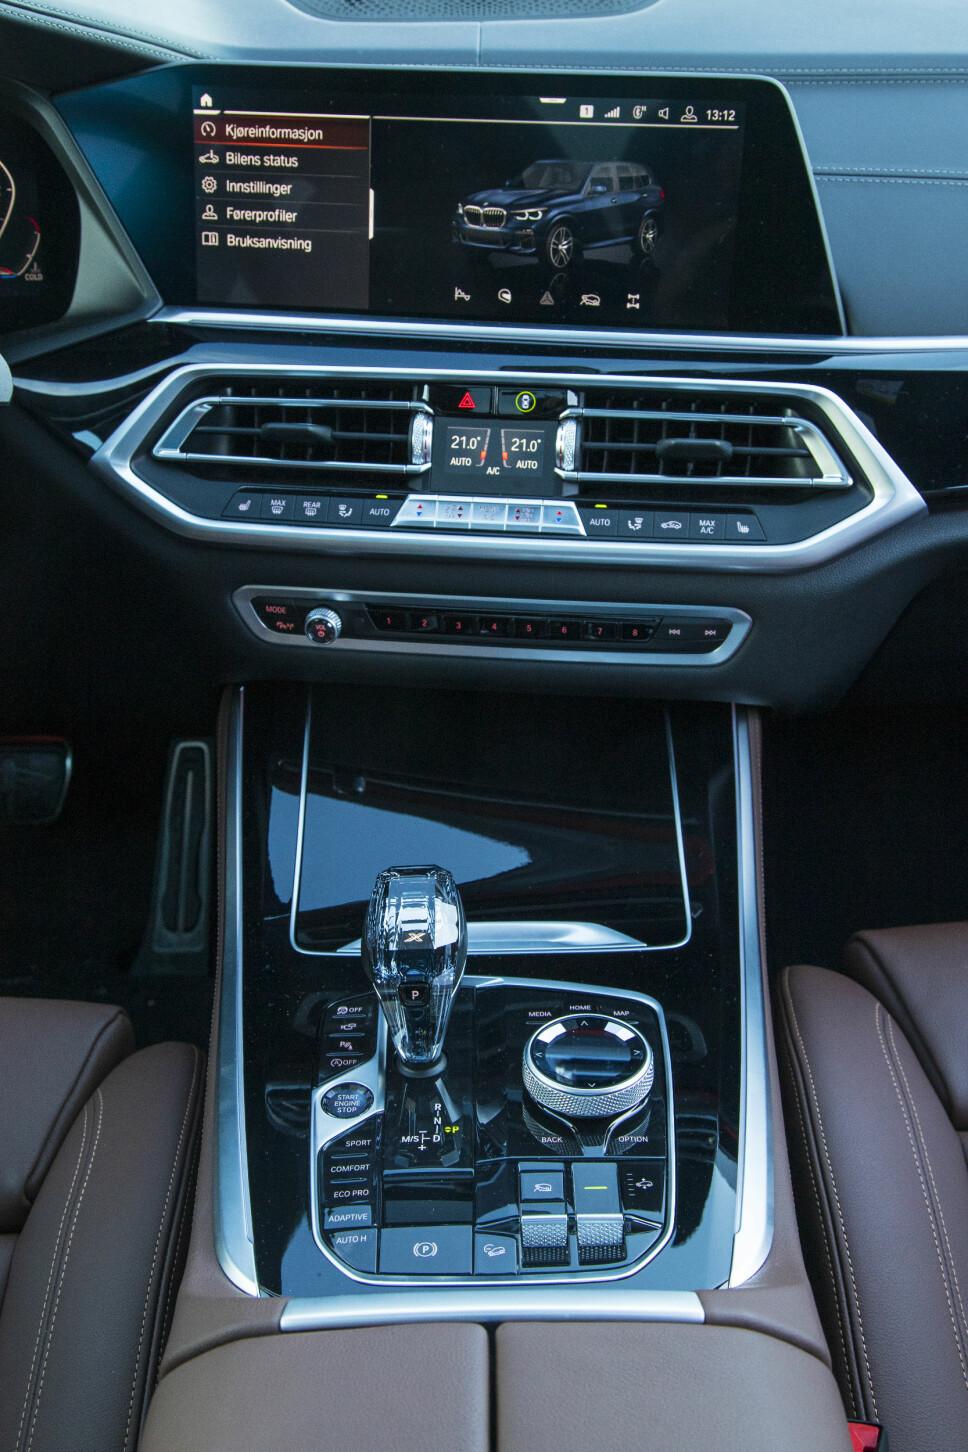 BMW X5 INSTRUMENTER: Heldigitalt dashbord i nye BMW X5, god betjeningsløsning på ratt.